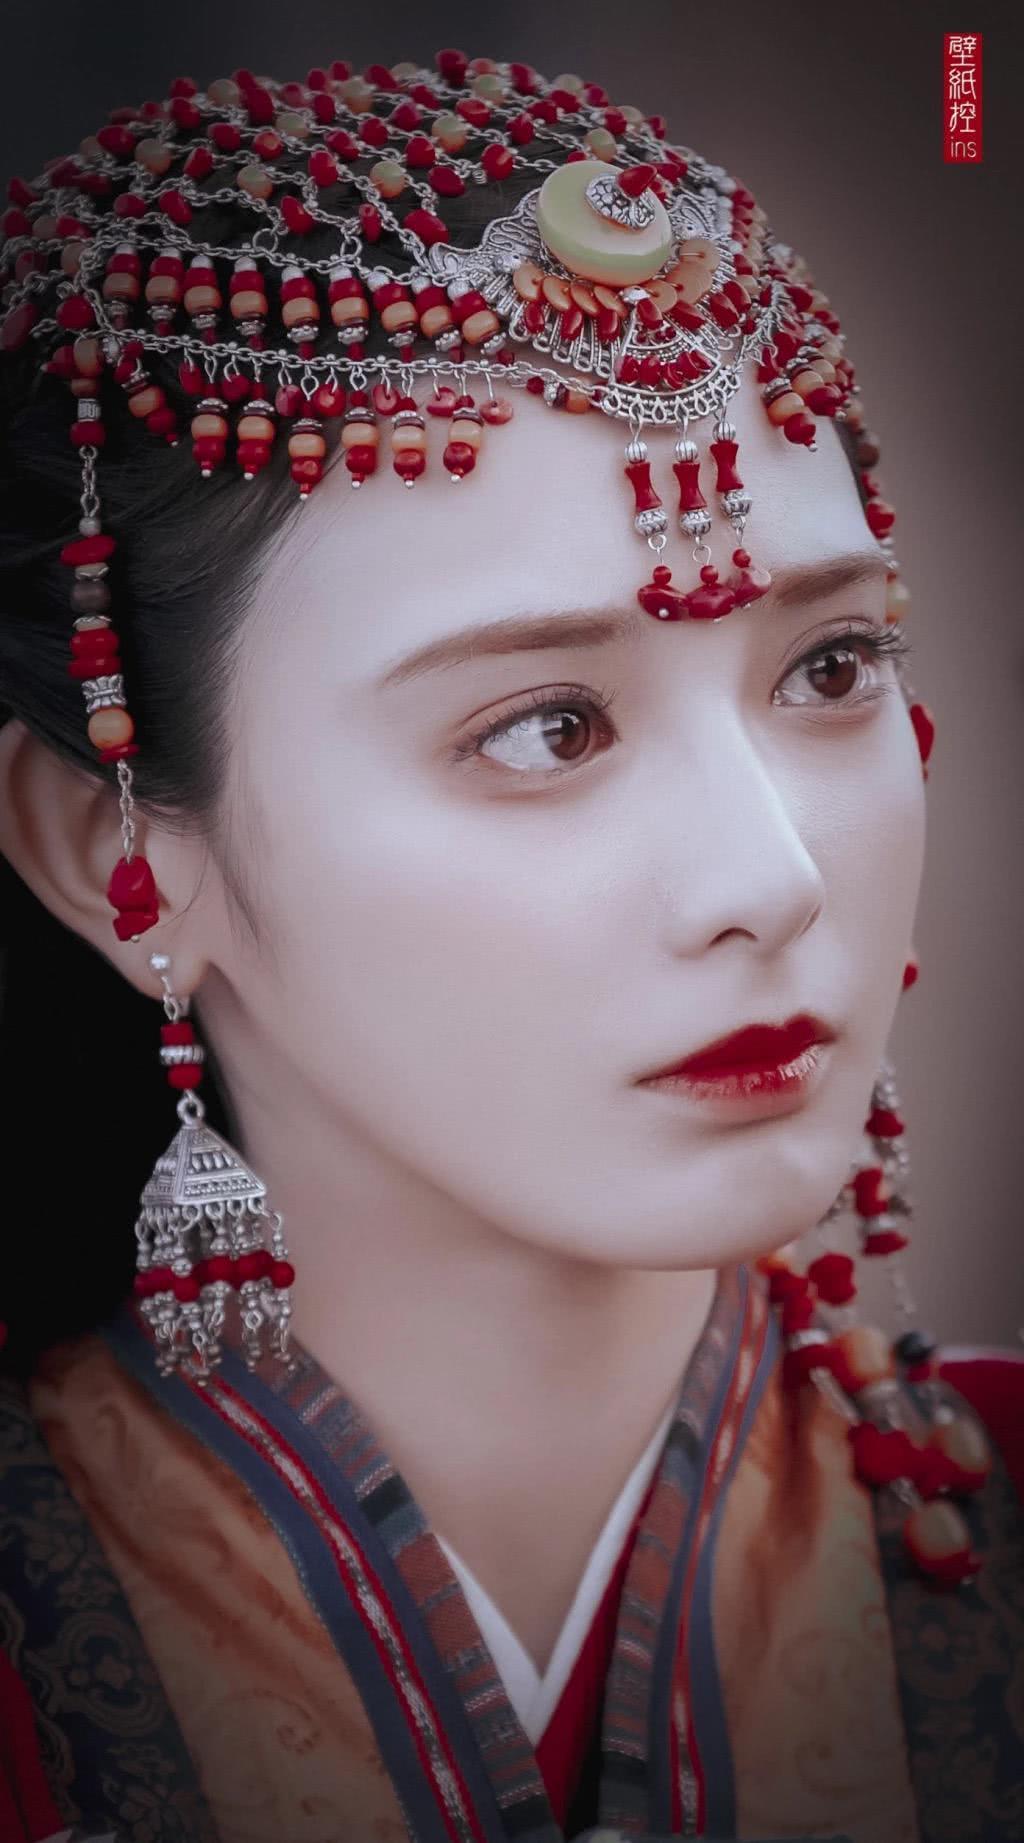 影視劇之中的異域風情小公主,彭小苒和熱巴都太讓人驚艷了_角色